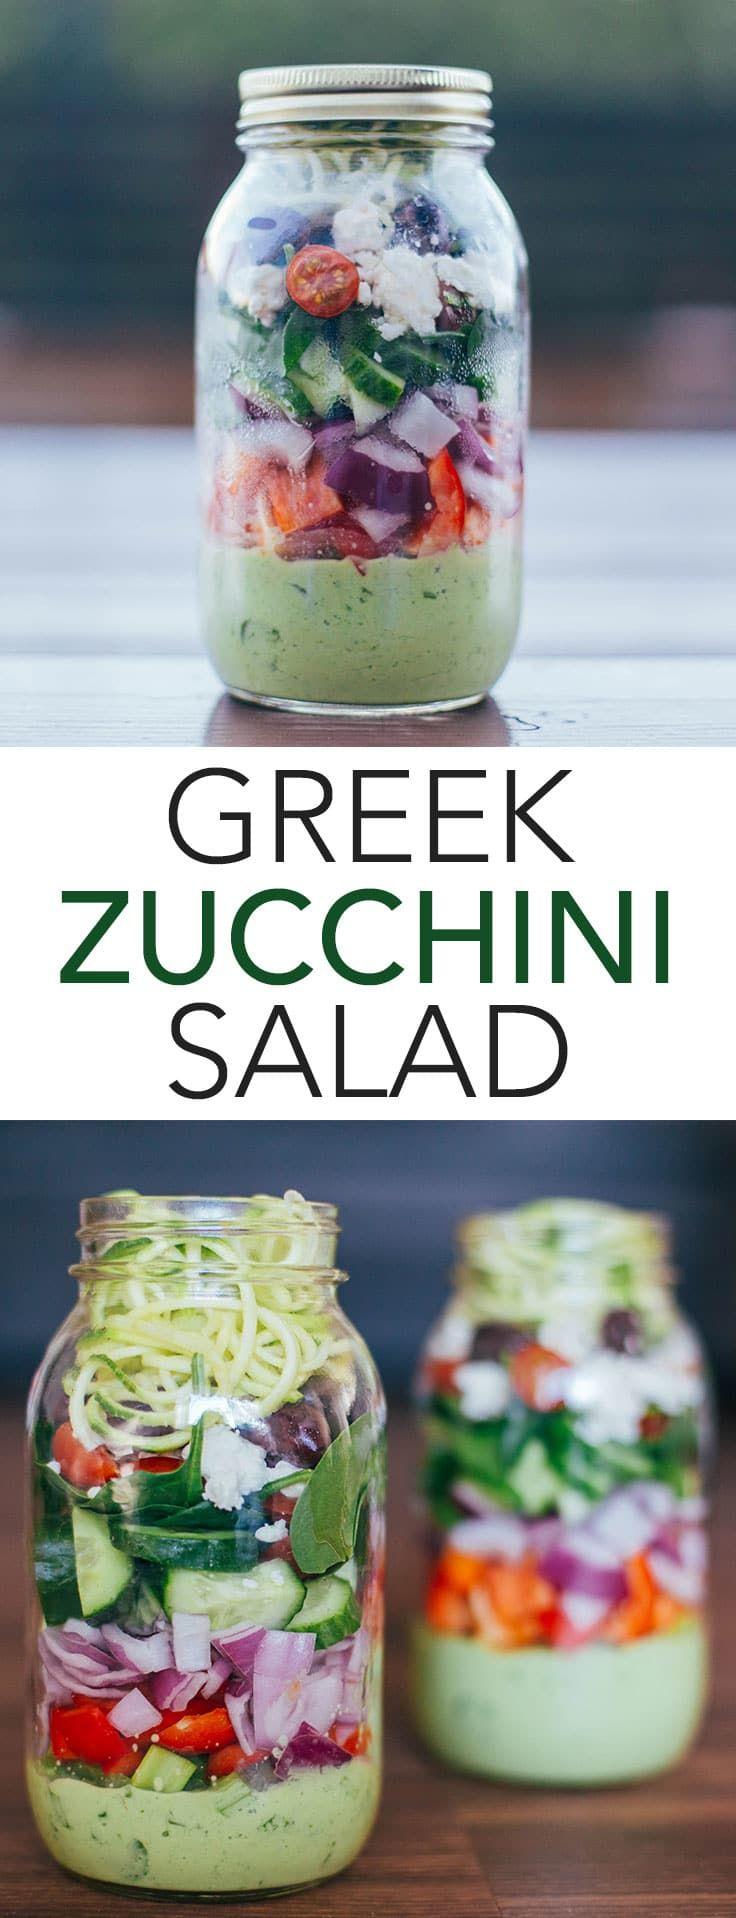 Greek Zucchini Salad - 21 day fix